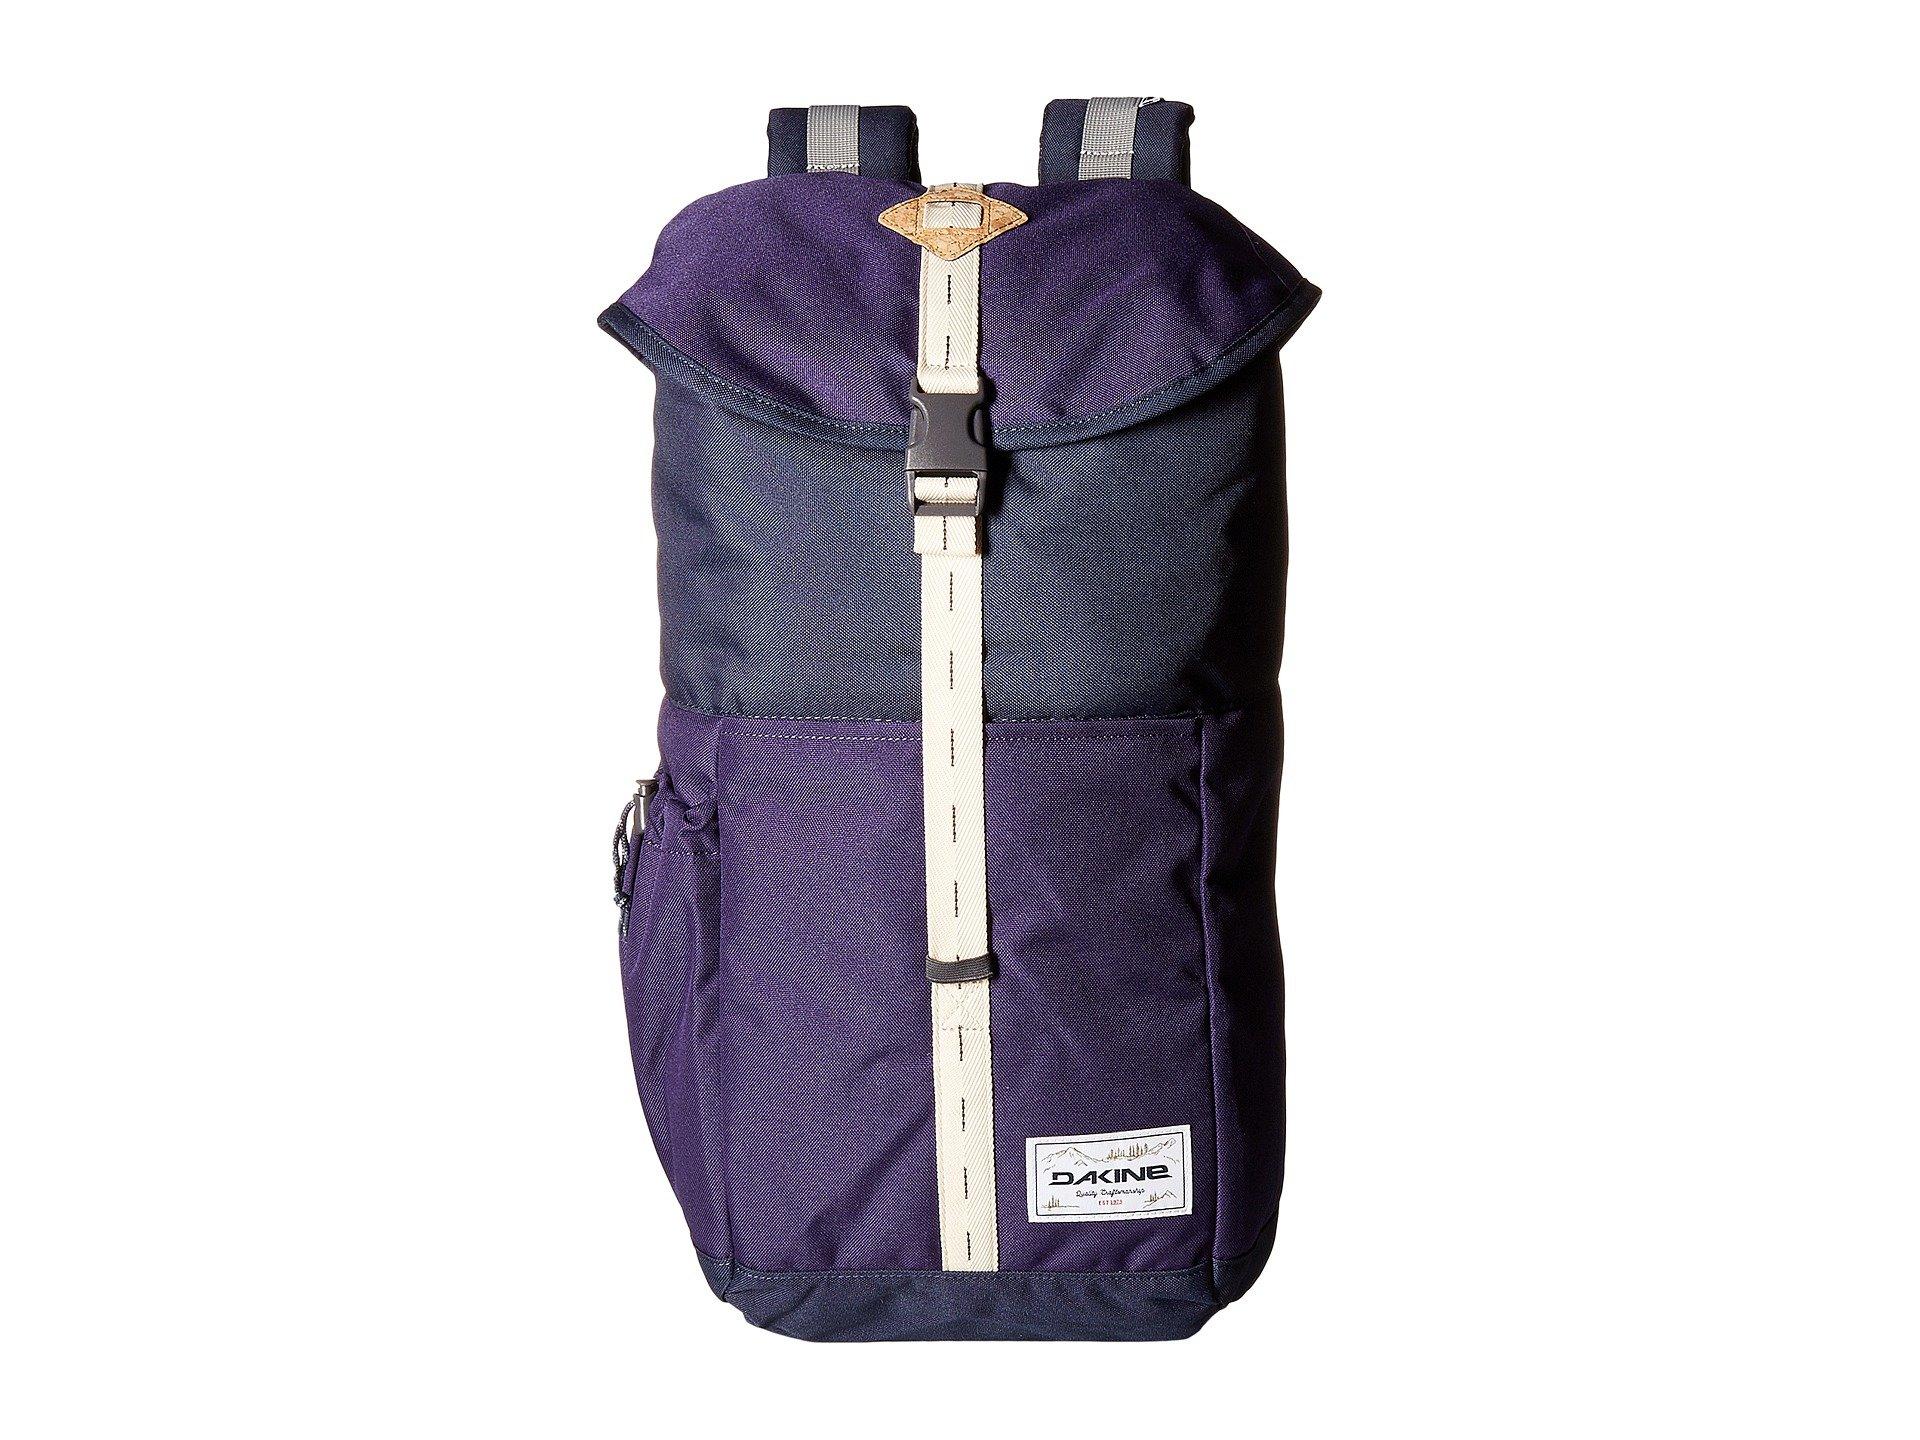 Morral para Hombre Dakine Range Backpack 24L  + Dakine en VeoyCompro.net